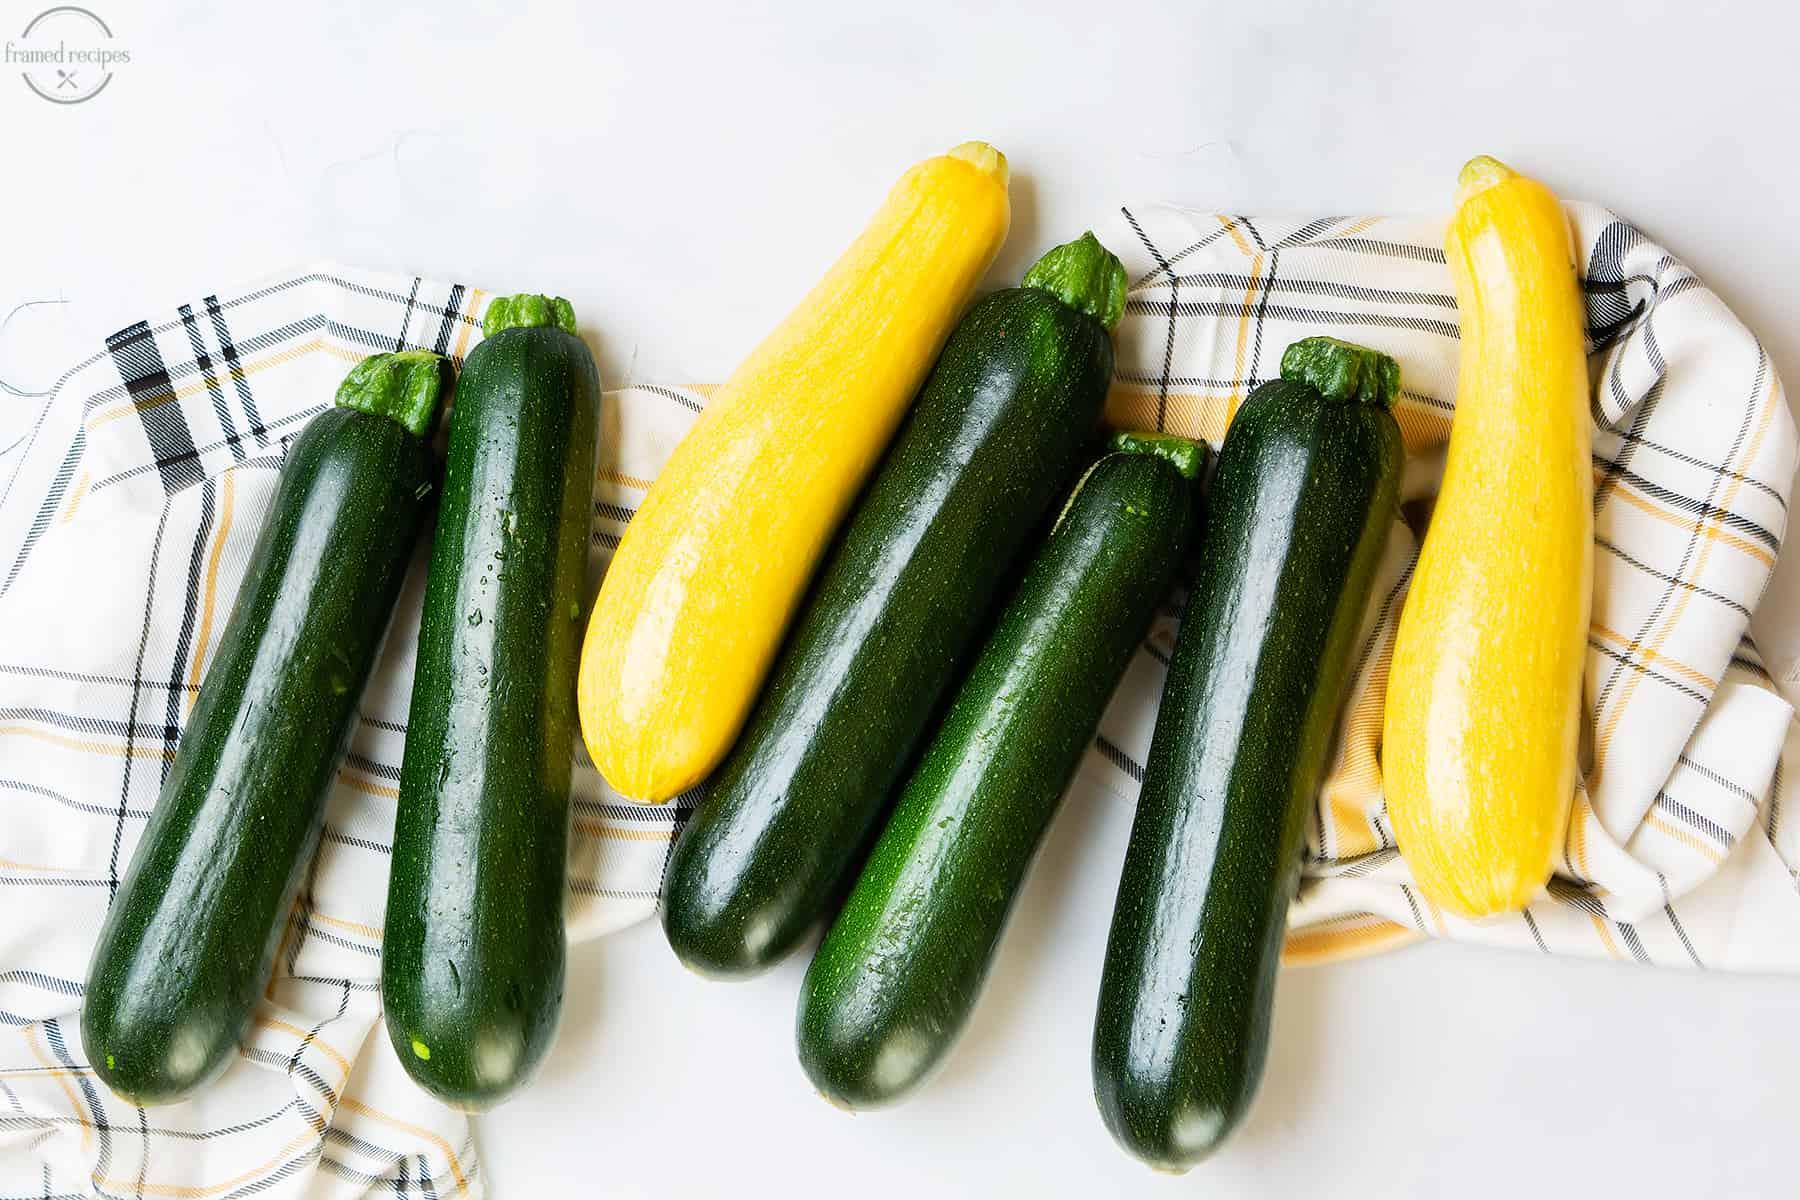 zucchini and yellow squash